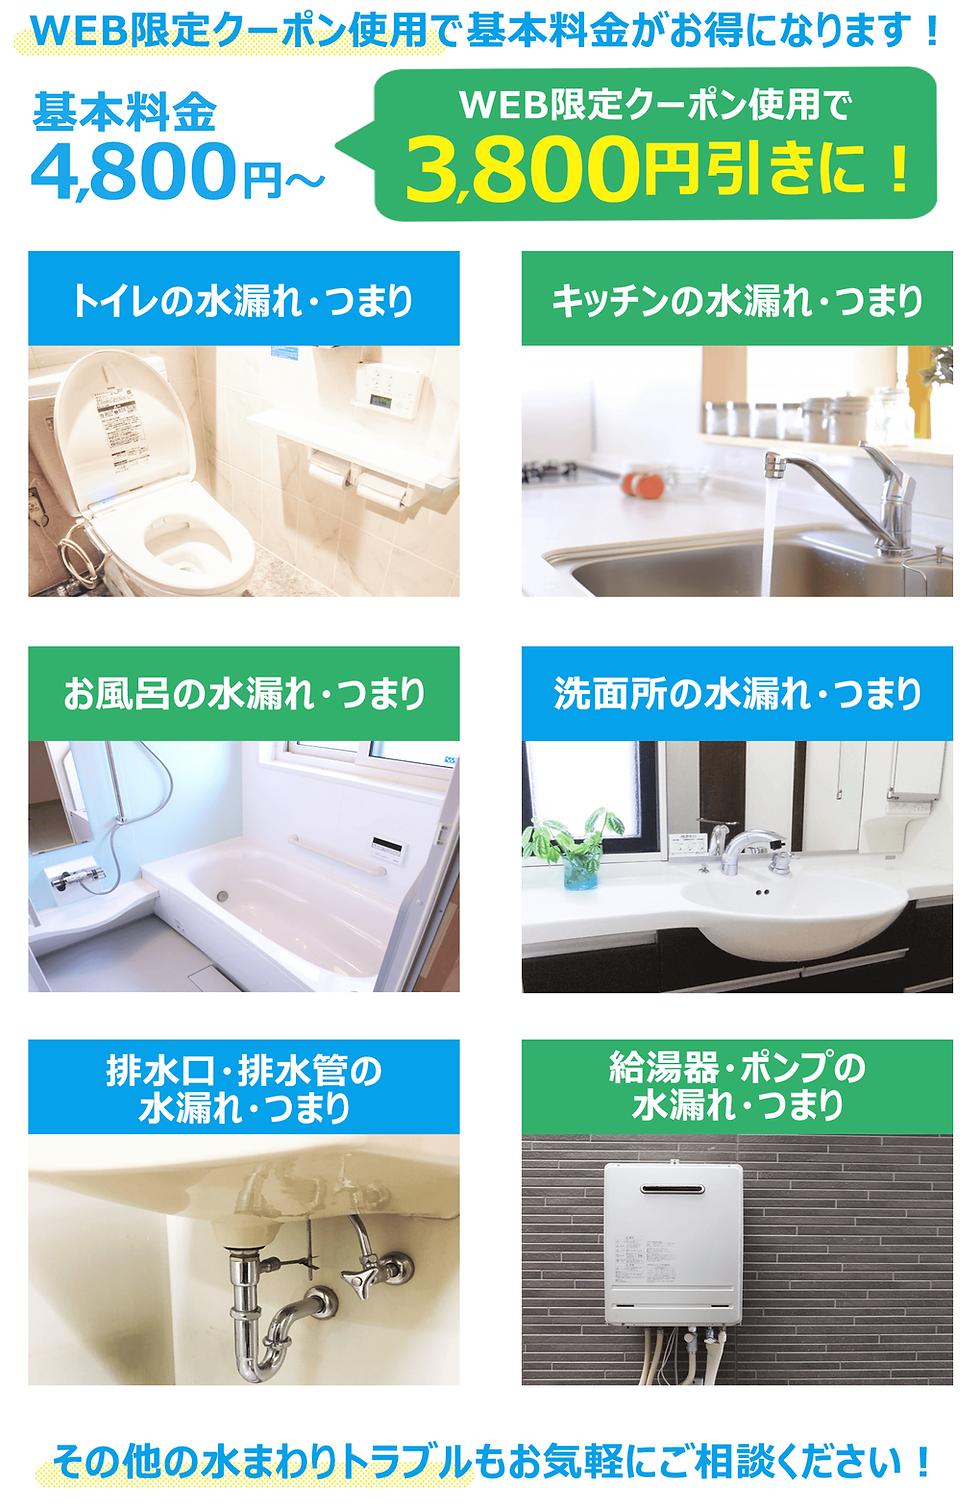 トイレ、キッチン、お風呂、洗面所、排水口、破水管、給湯器、ポンプの水漏れや詰まり(つまり)やその他の水まわりトラブルもお気軽にご相談ください!